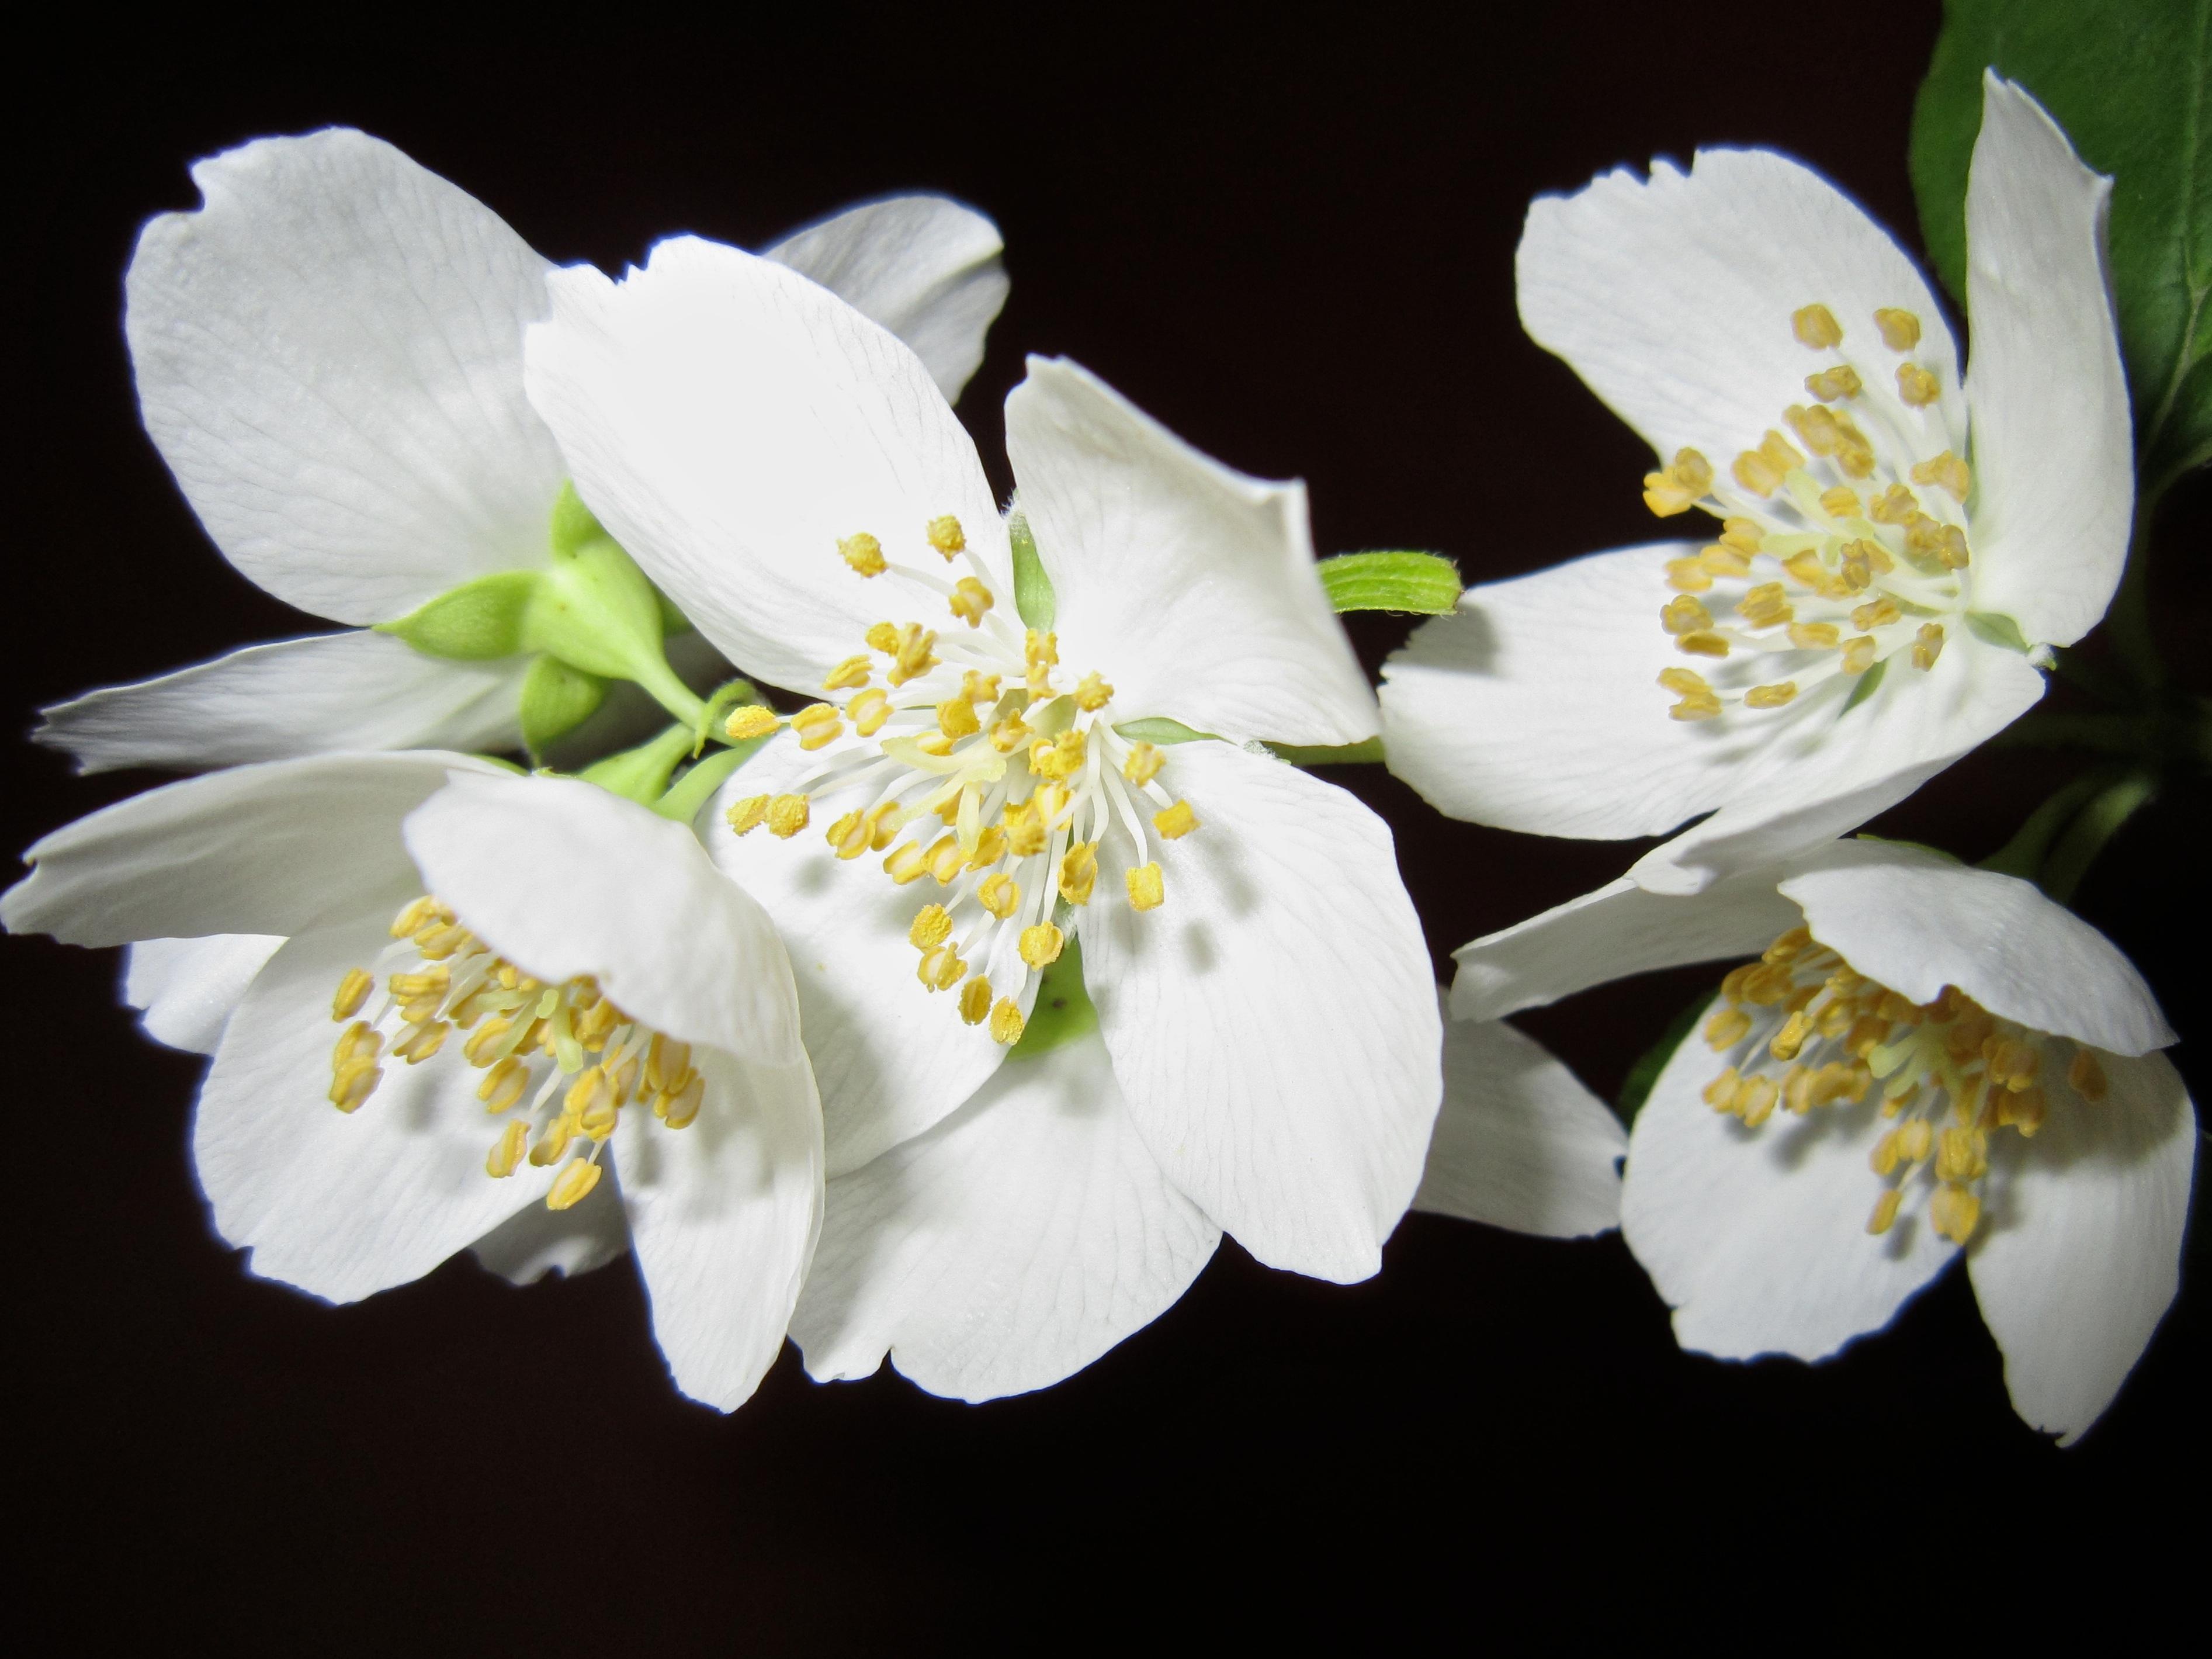 Fotos Jasminum Weiß Blüte Großansicht Schwarzer Hintergrund 3786x2839 Blumen hautnah Nahaufnahme